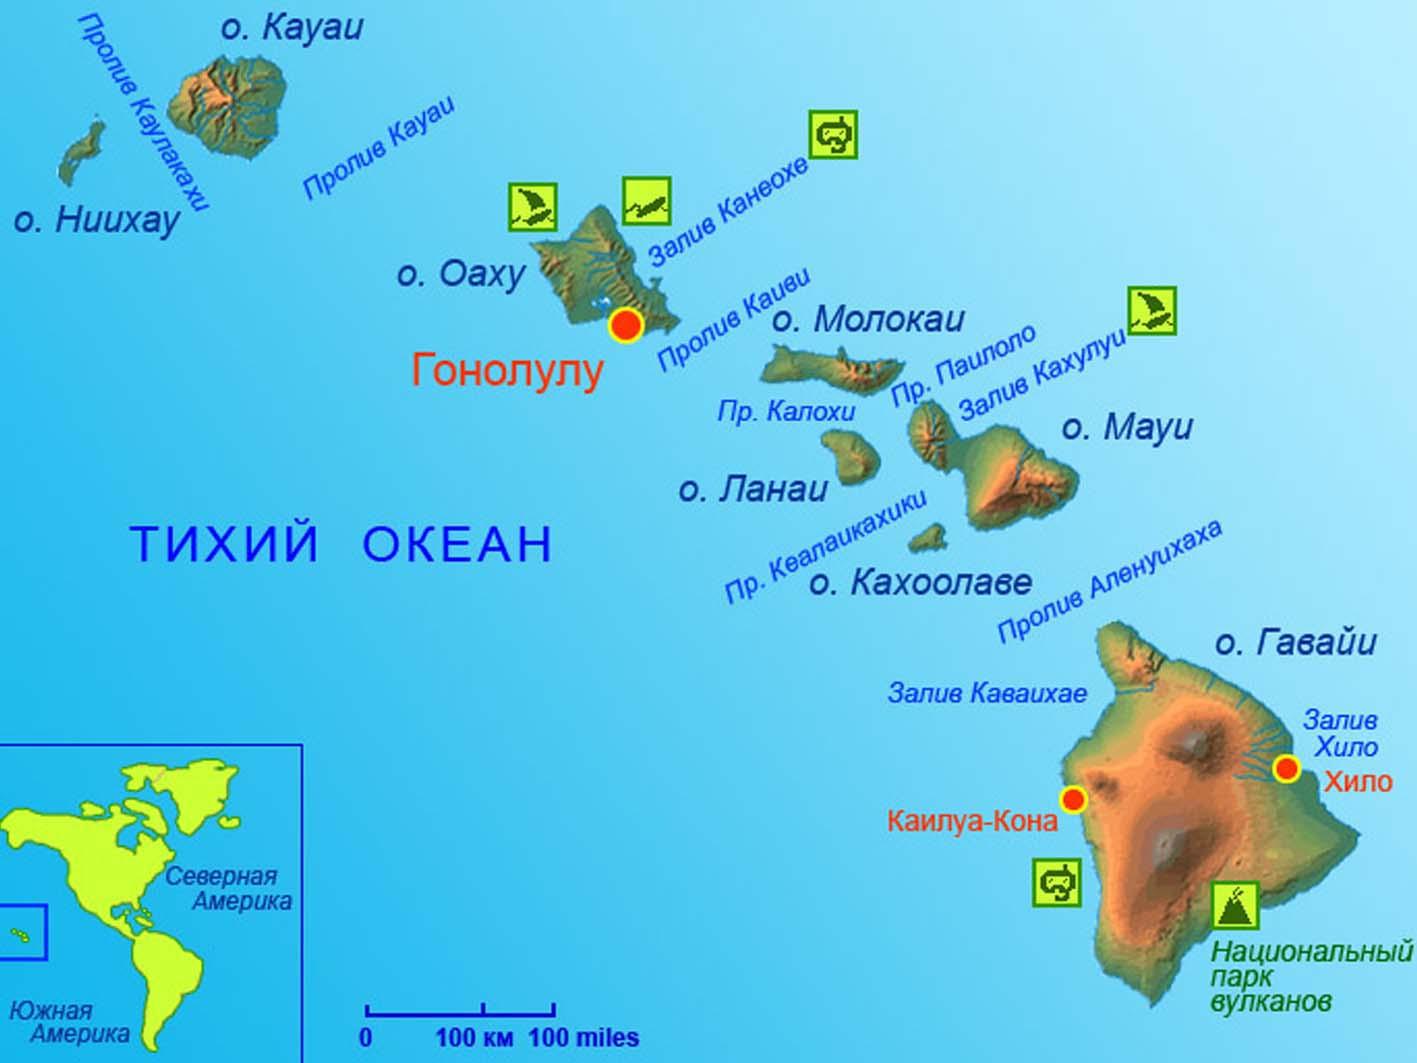 Рисунок 1Туристско-рекреационный районы Гавайских островов.